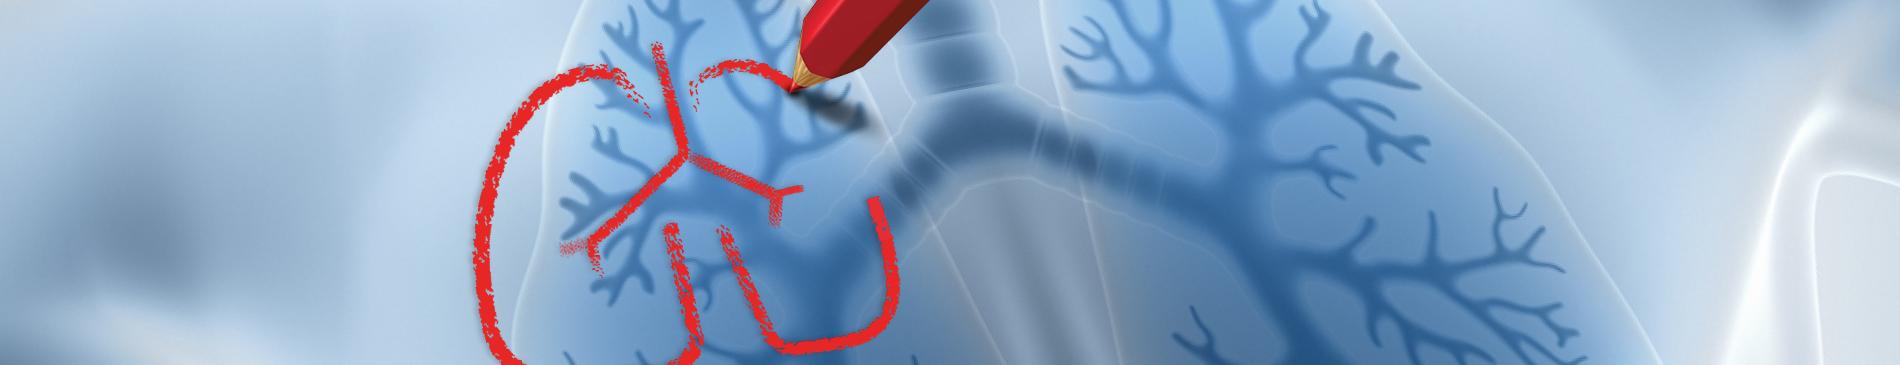 Riabilitazione pneumologica